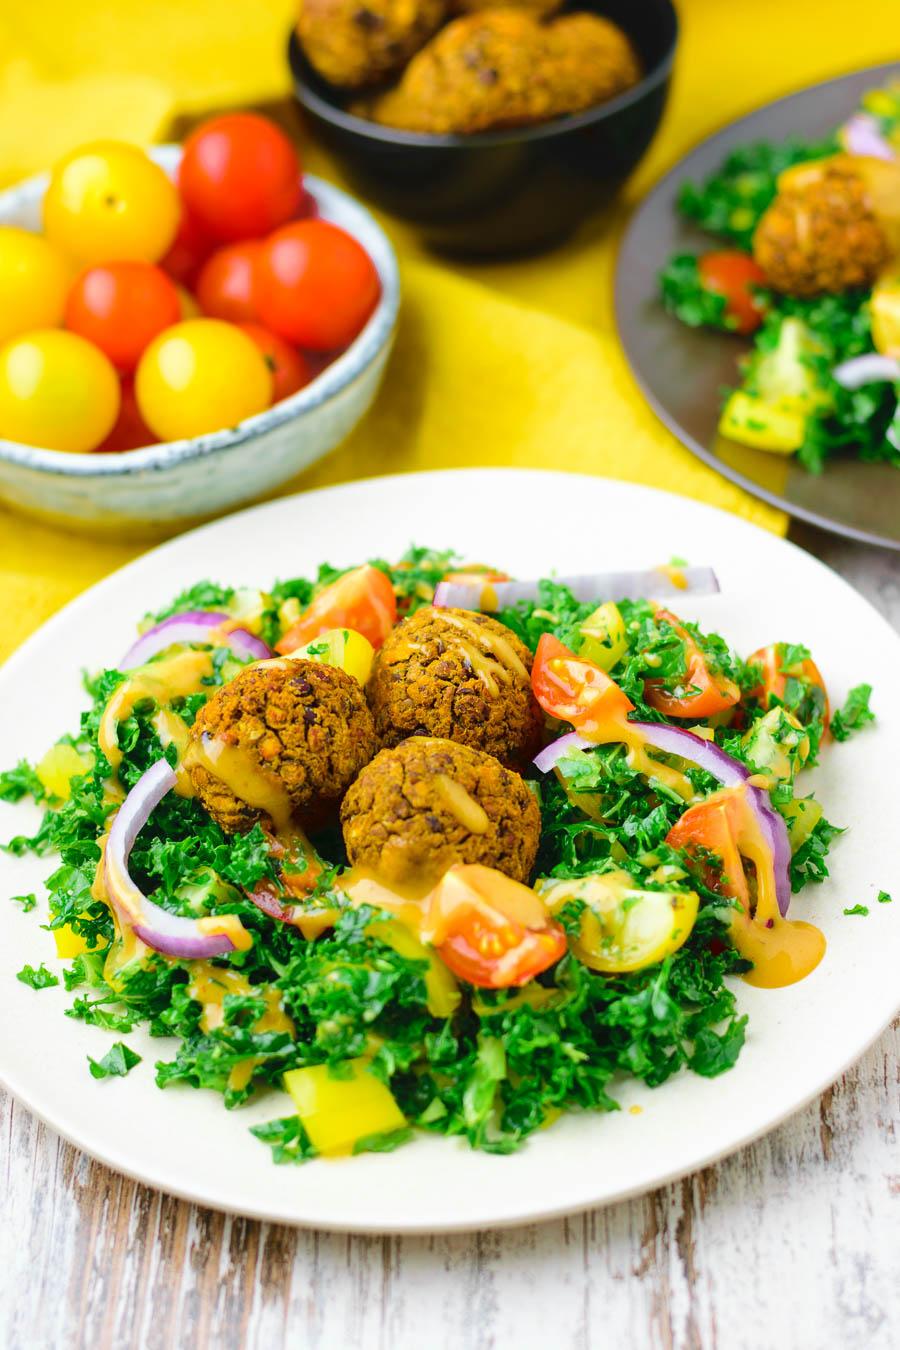 Salad Kale Meatball